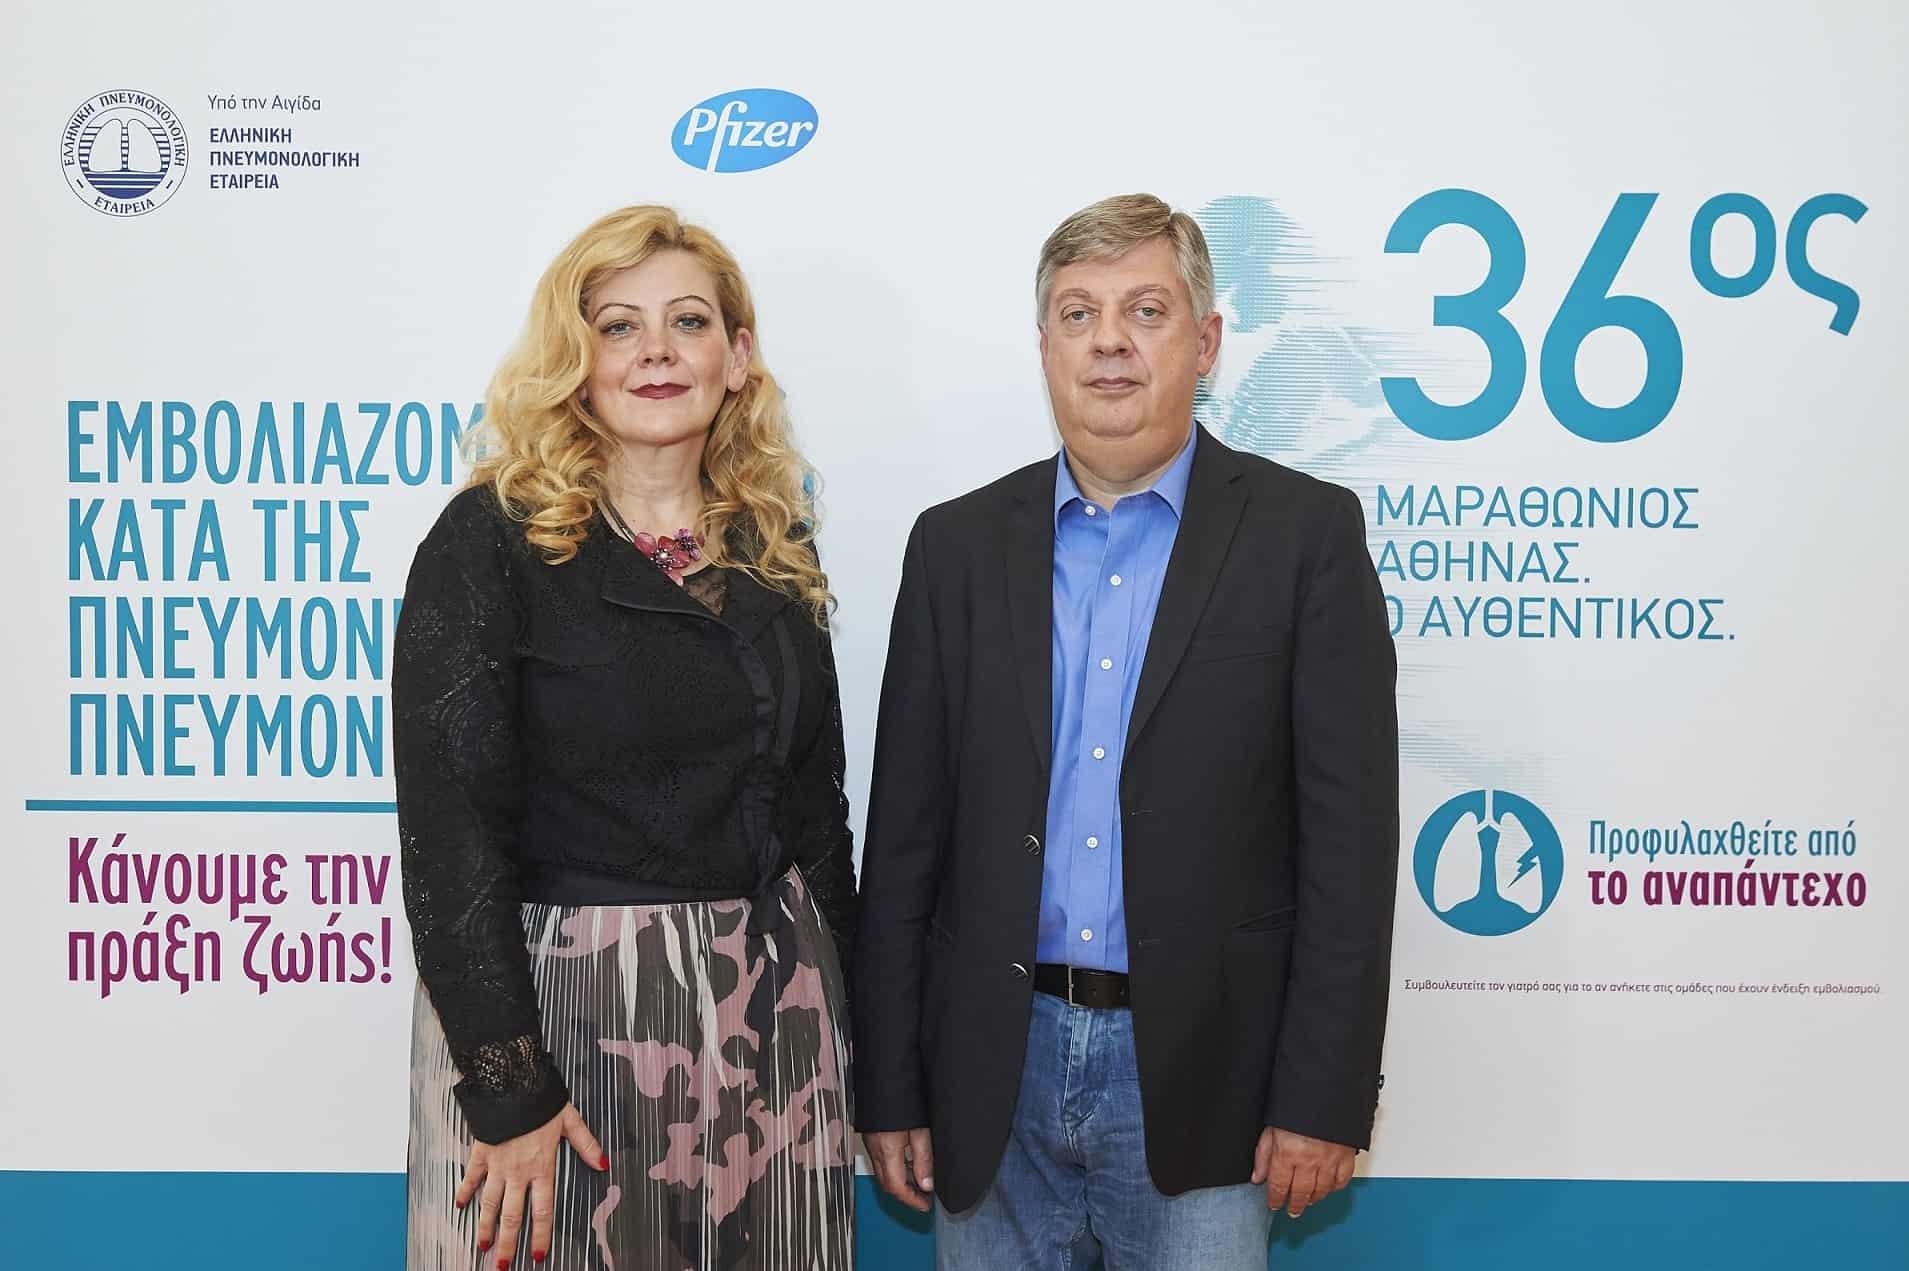 Η Ελληνική Πνευμονολογική Εταιρεία Συμμετέχει στον Μαραθώνιο της Αθήνας